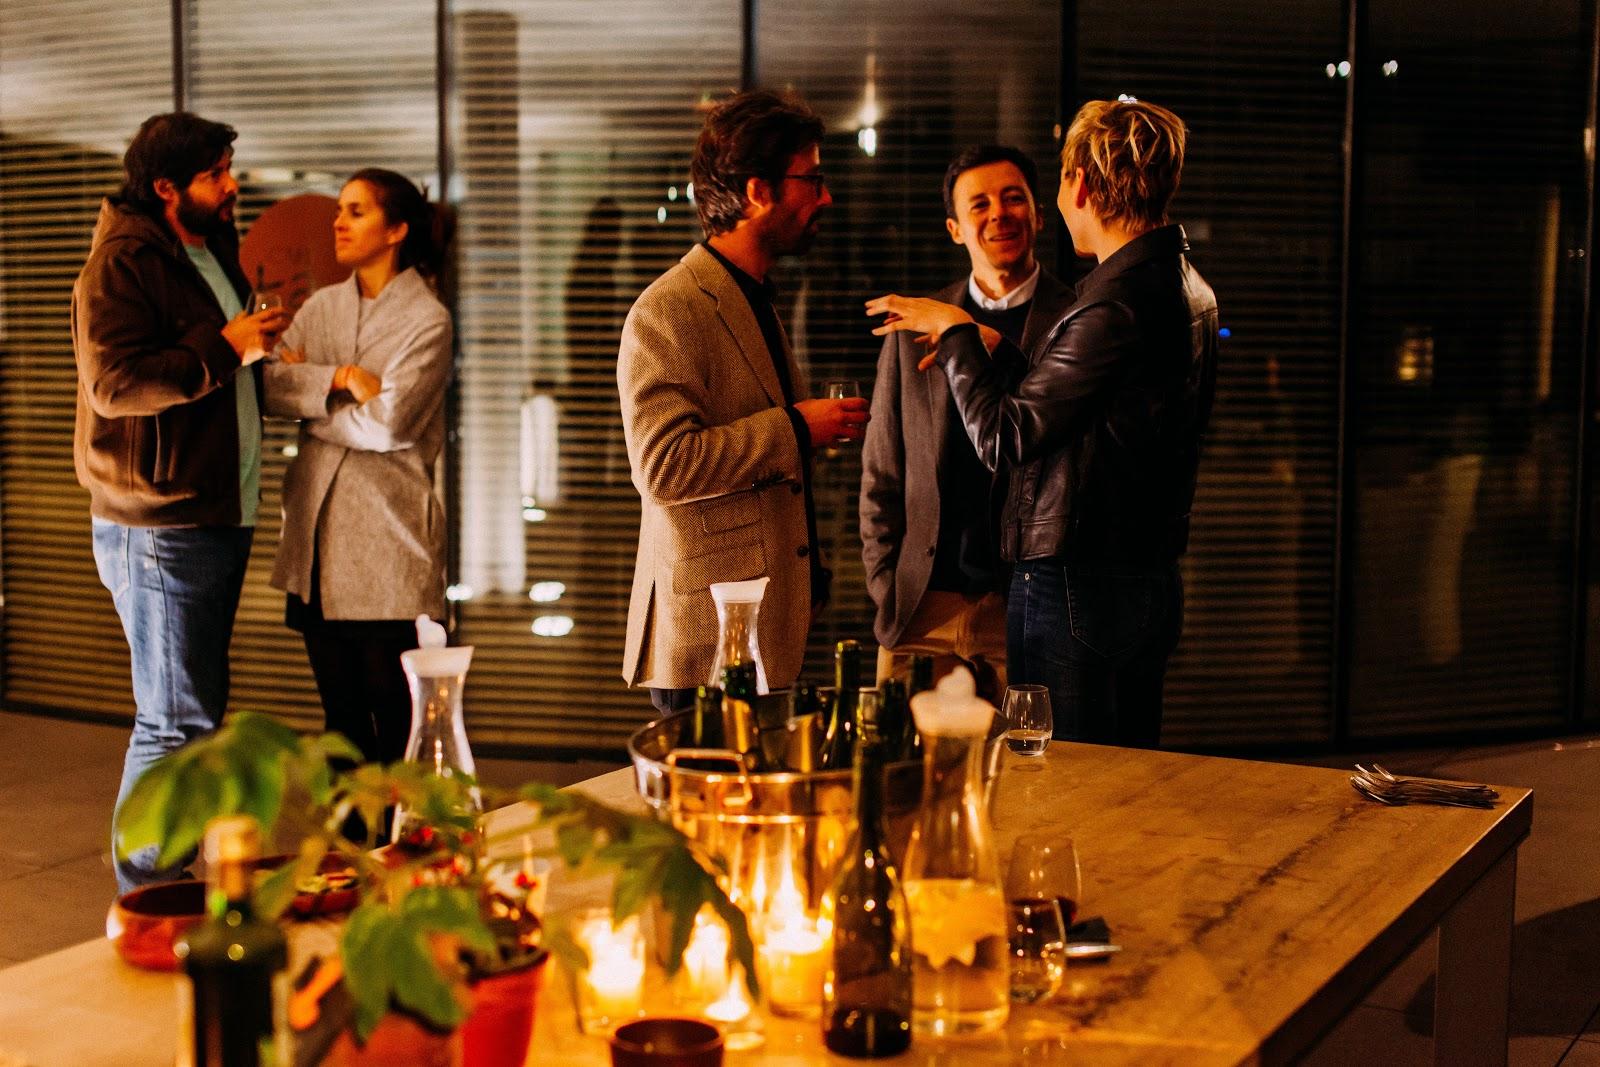 Pessoas em uma reunião social